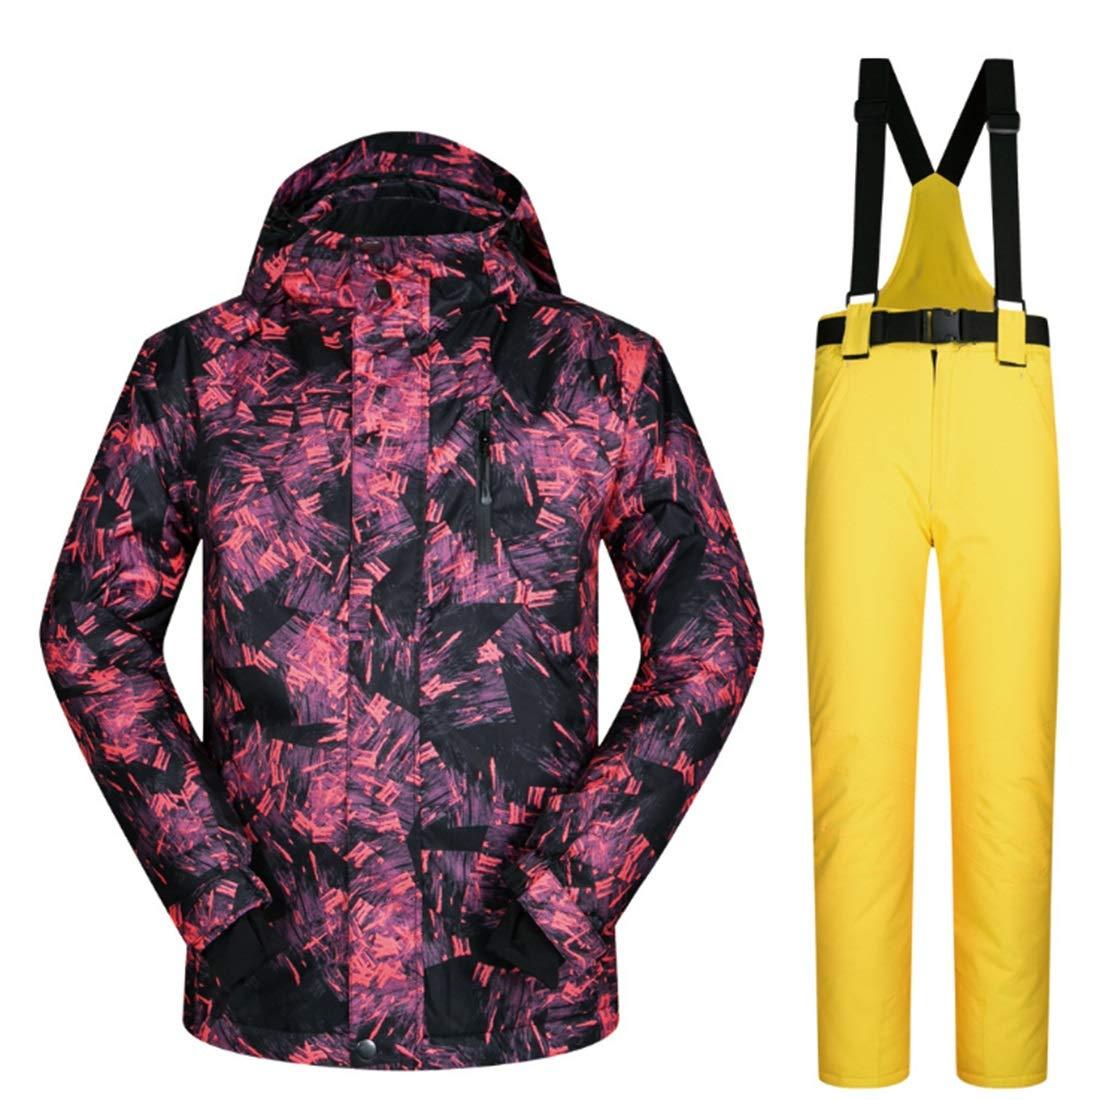 Ofliery Pantaloni da Snow da Uomo da Trekking, Giacca da da da Sci Invernale e Pantaloni per la Neve da Pioggia (Coloree   04, Dimensione   XXL)B07NXQ5TZPL 02 | I Materiali Superiori  | In Linea  | Apparenza Estetica  | Attraente e durevole  | Bassi costi  0ed4d2